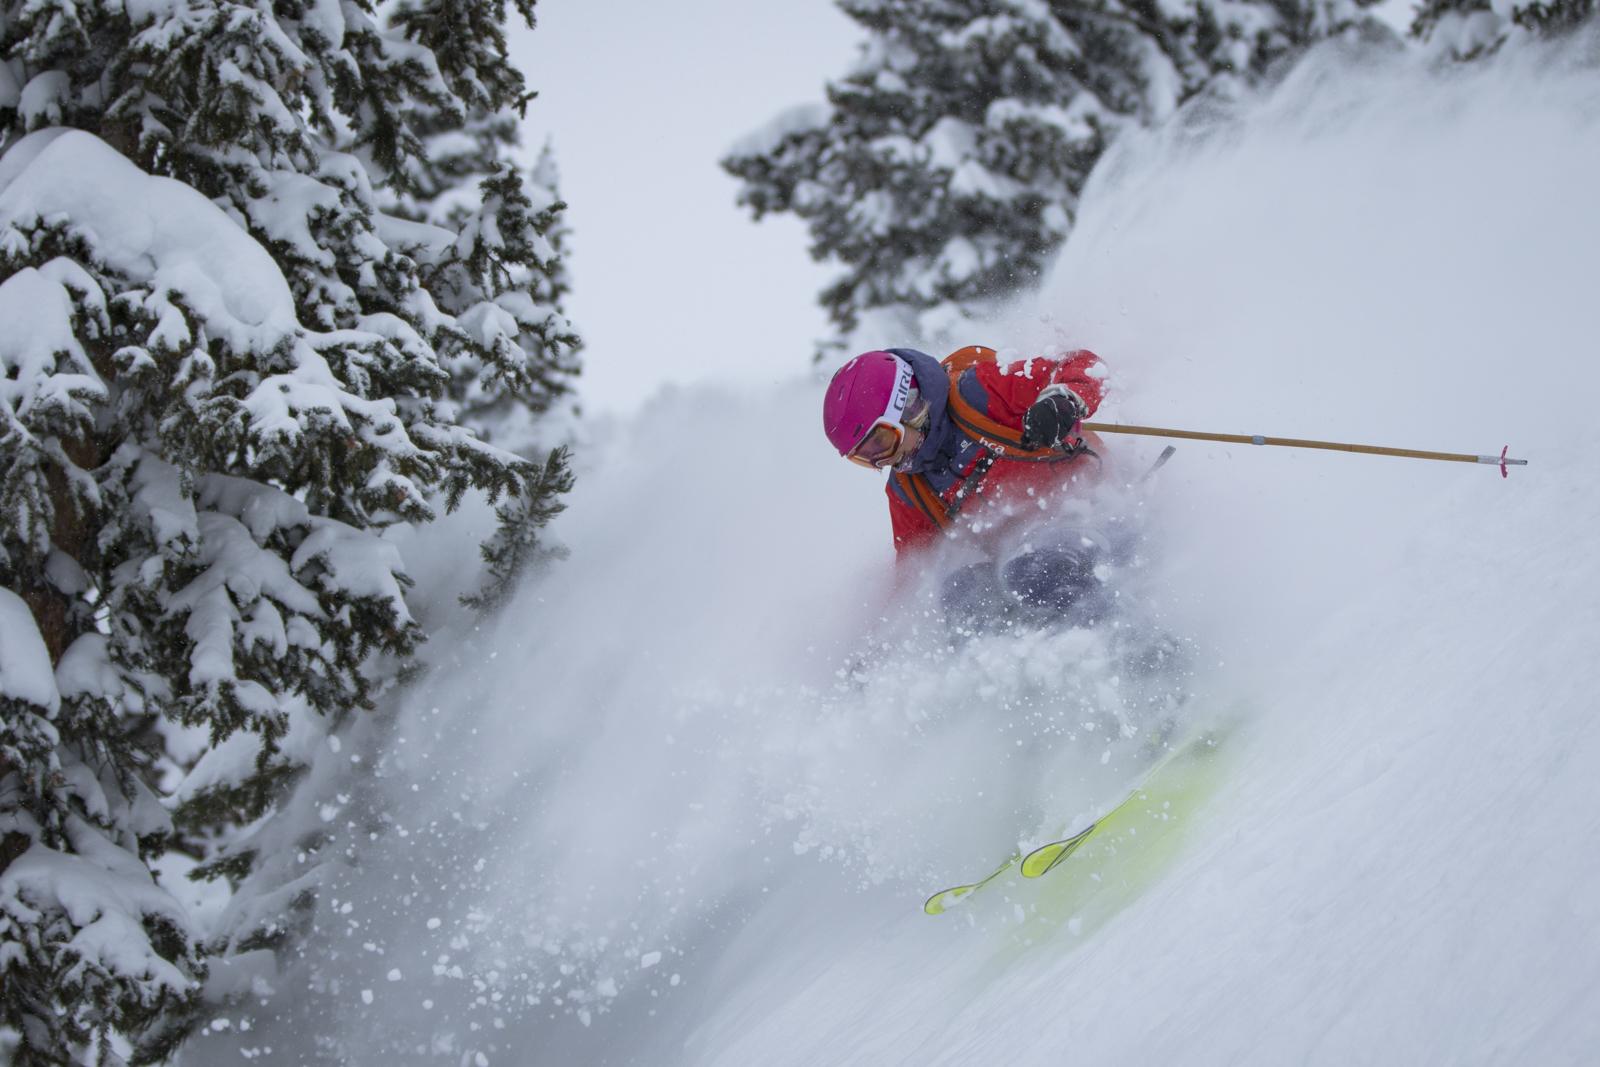 Alta Lodge guest enjoying fresh powder